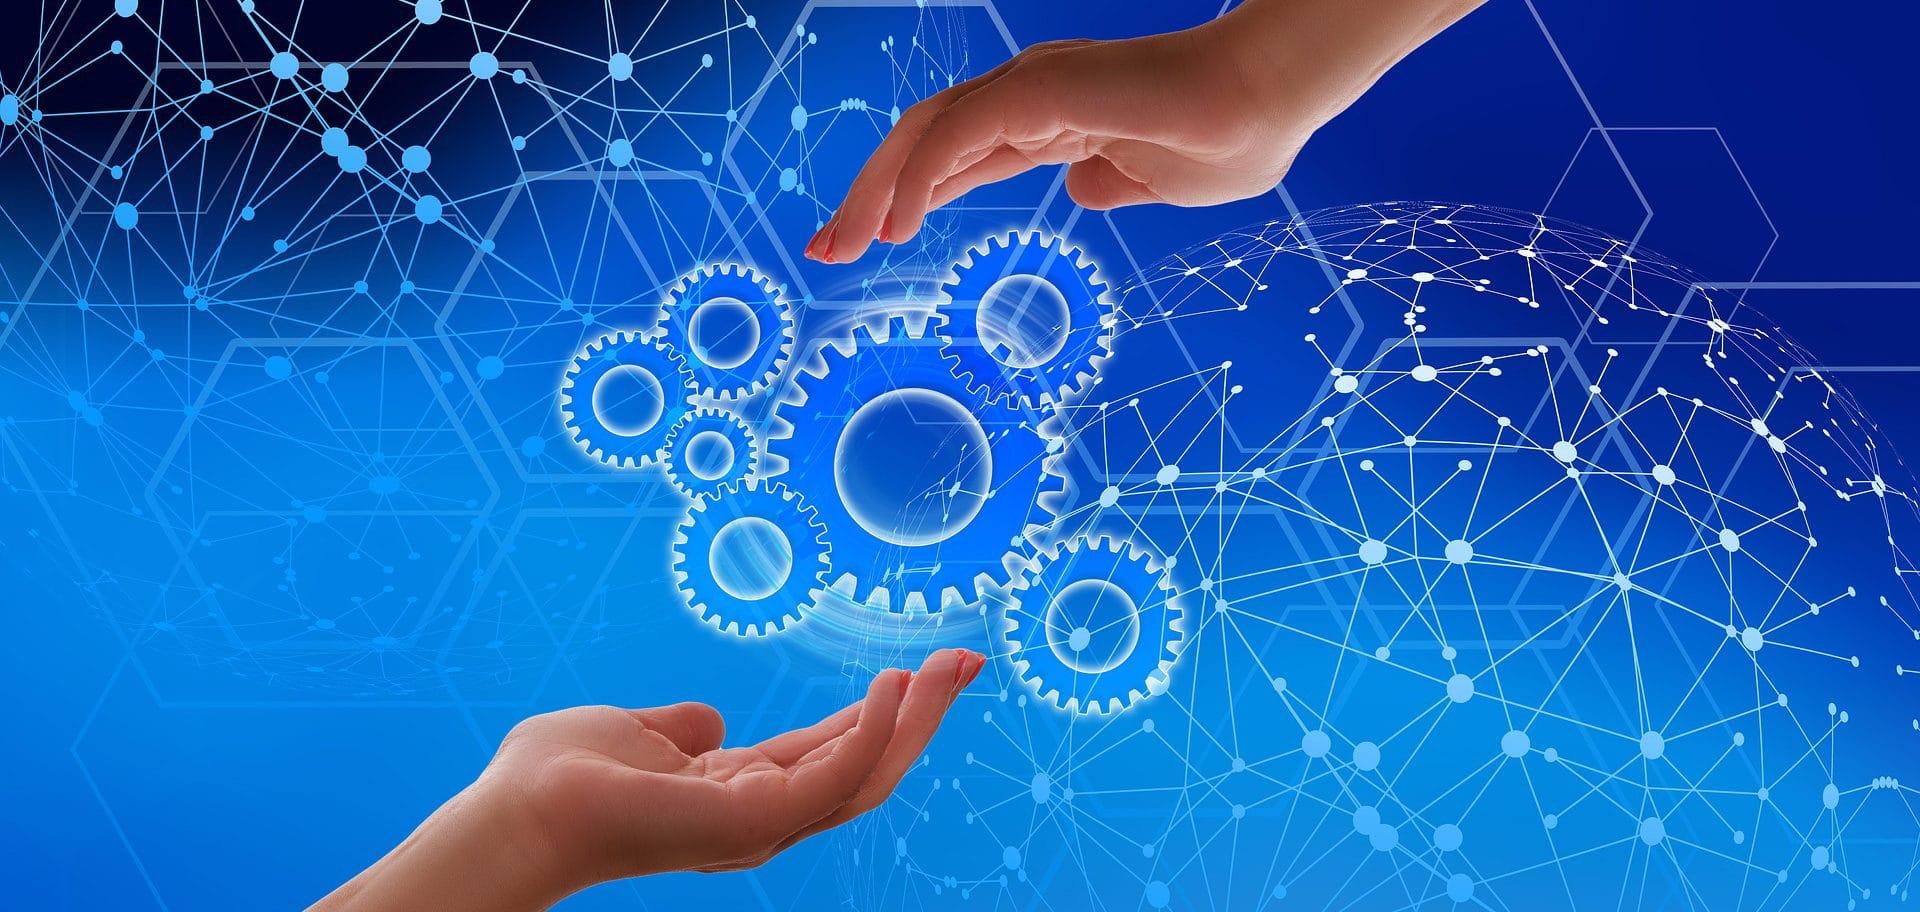 Gütekriterien als System: Objektivität, Reliabilität und Validität im Zusammenhang betrachten und optimieren